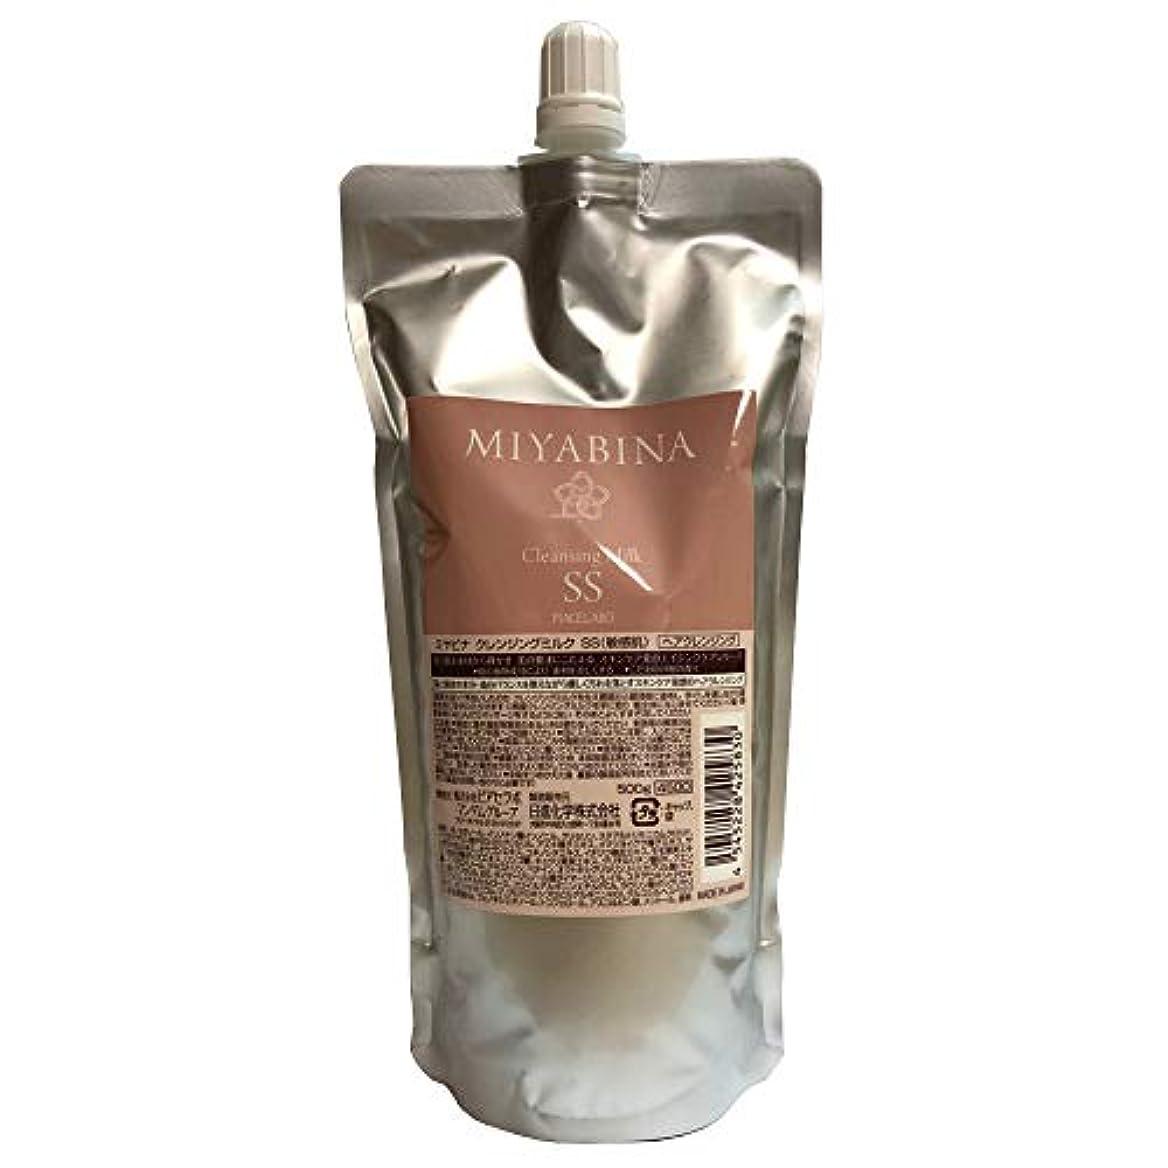 クリープ元気西部ミヤビナ クレンジングミルク SS(敏感肌) 500g レフィル(詰め替え)